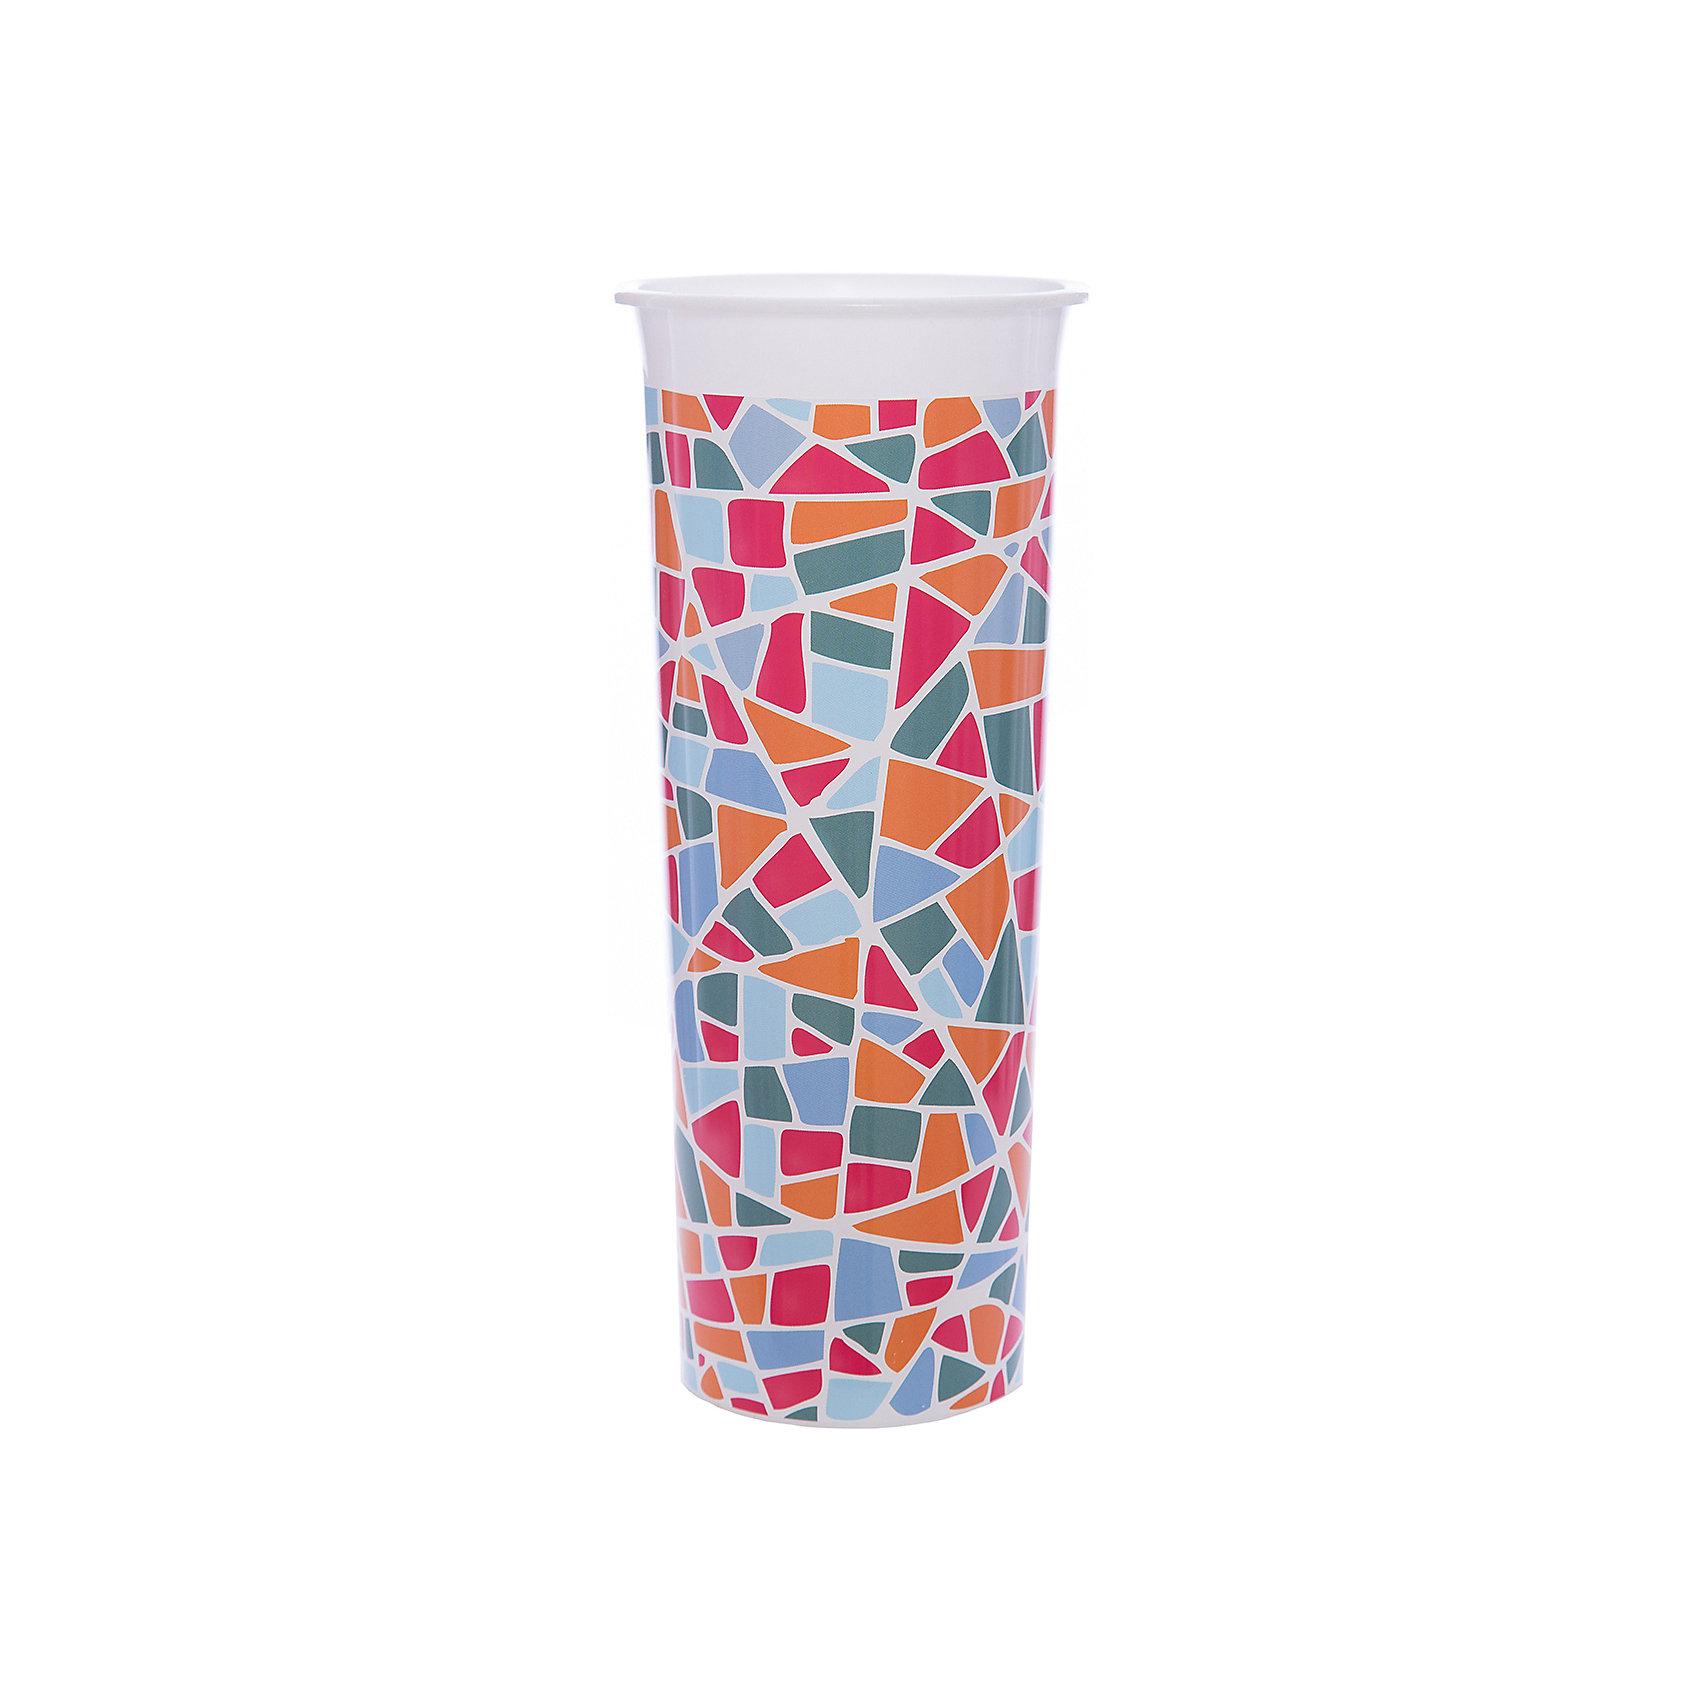 Ваза для цветов Модерн D 112 mm, INGREENПредметы интерьера<br>Ваза для цветов Модерн D 112 mm, INGREEN<br><br>Характеристики:<br><br>• Материал: пластик<br>• В комплекте: 1 штука<br>• Размер: 112х112х260 мм<br>• Вес: 111 г<br><br>Вазы от ТМ InGreen - яркое стилистическое решение для вашего дома или квартиры. Рисунки и узоры на вазе созданы по технологии IML, что обеспечивает им высокую точность, яркость, а итоговое изделие выглядит единым с нанесенным рисунком. Это не только эстетично выглядит, но и придает изделию дополнительную прочность.<br><br>Ваза для цветов Модерн D 112 mm, INGREEN можно купить в нашем интернет-магазине.<br><br>Ширина мм: 112<br>Глубина мм: 112<br>Высота мм: 260<br>Вес г: 111<br>Возраст от месяцев: 216<br>Возраст до месяцев: 1188<br>Пол: Унисекс<br>Возраст: Детский<br>SKU: 5545638